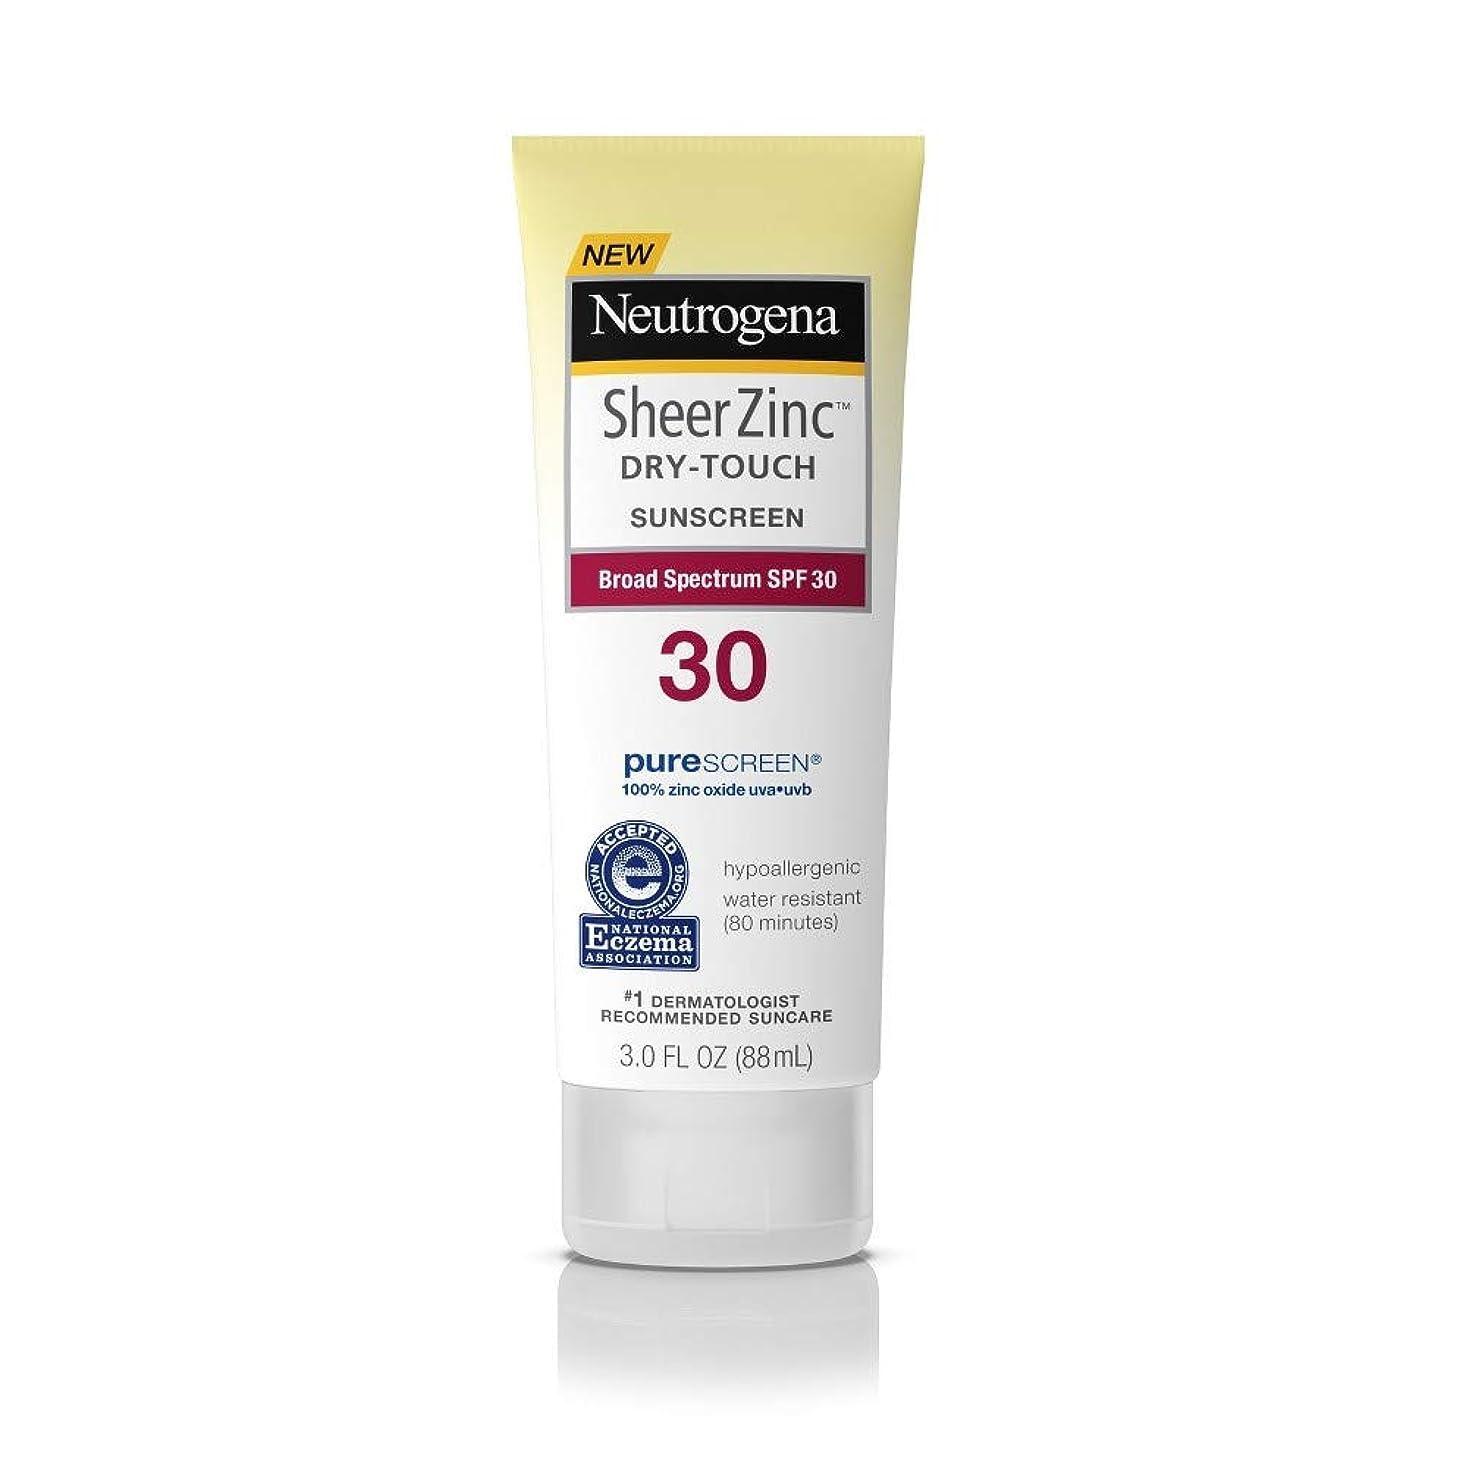 幸運な臭い励起Neutrogena シアー亜鉛ドライタッチSPF#30日焼け止め3オンス(88Ml)(3パック)